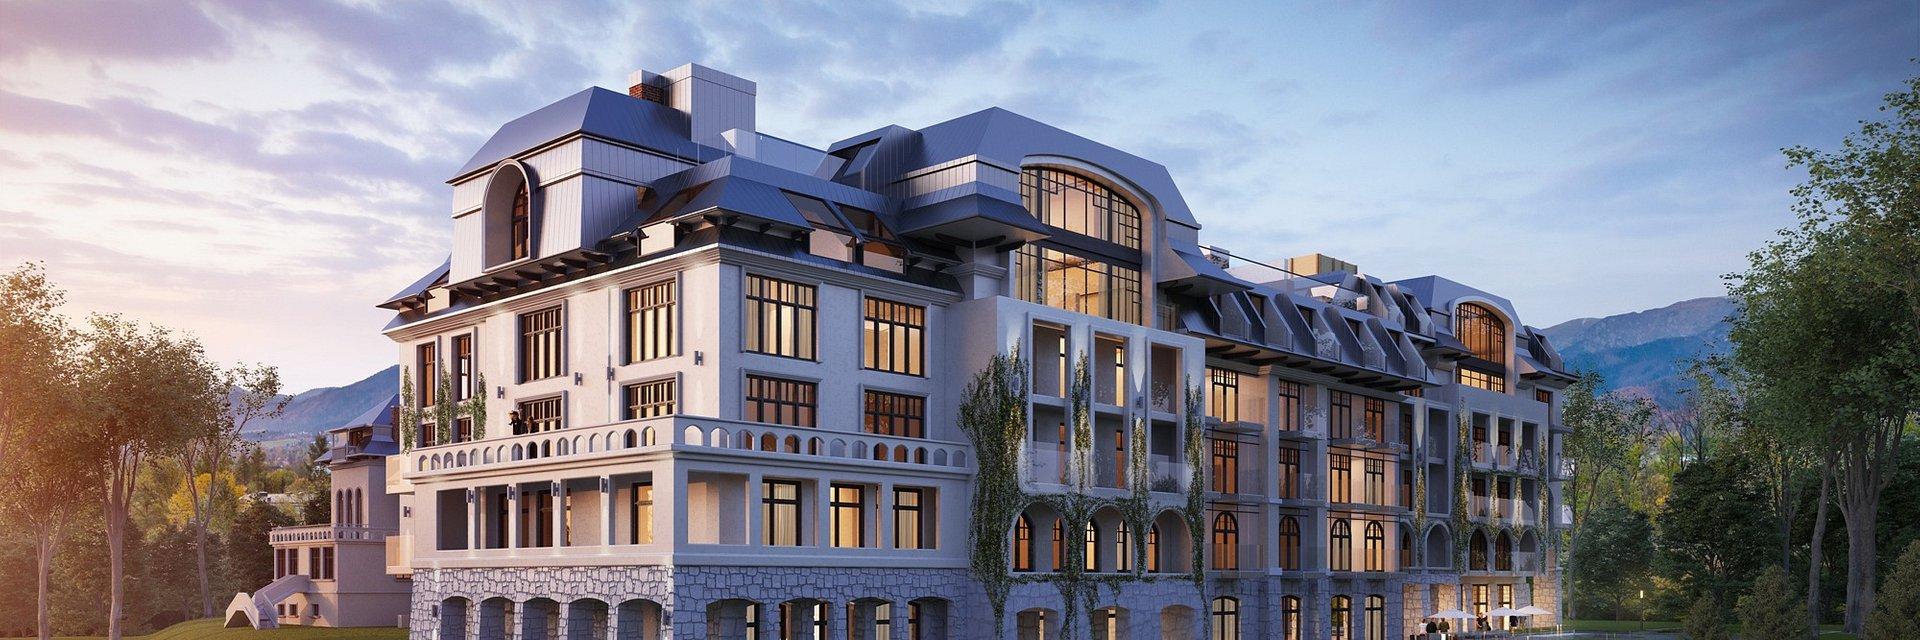 Grupa Nosalowy zdradza, jaki będzie Nosalowy Park Hotel & SPA - ruszyła strona teaserowa nowego hotelu